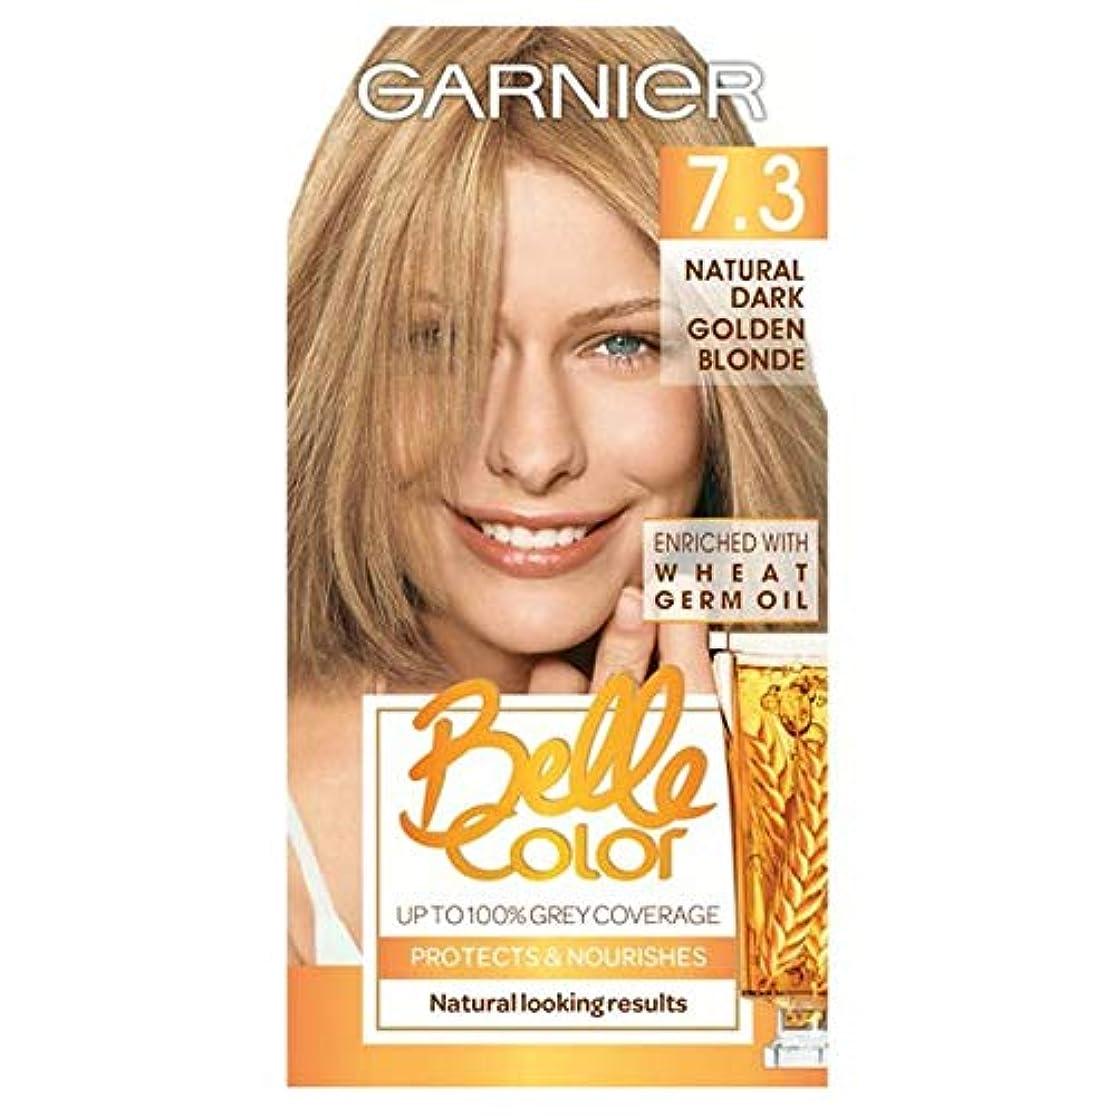 ファンシー前投薬風[Belle Color] ガルニエベルカラー7.3暗い金色のブロンド - Garnier Belle Color 7.3 Dark Golden Blonde [並行輸入品]